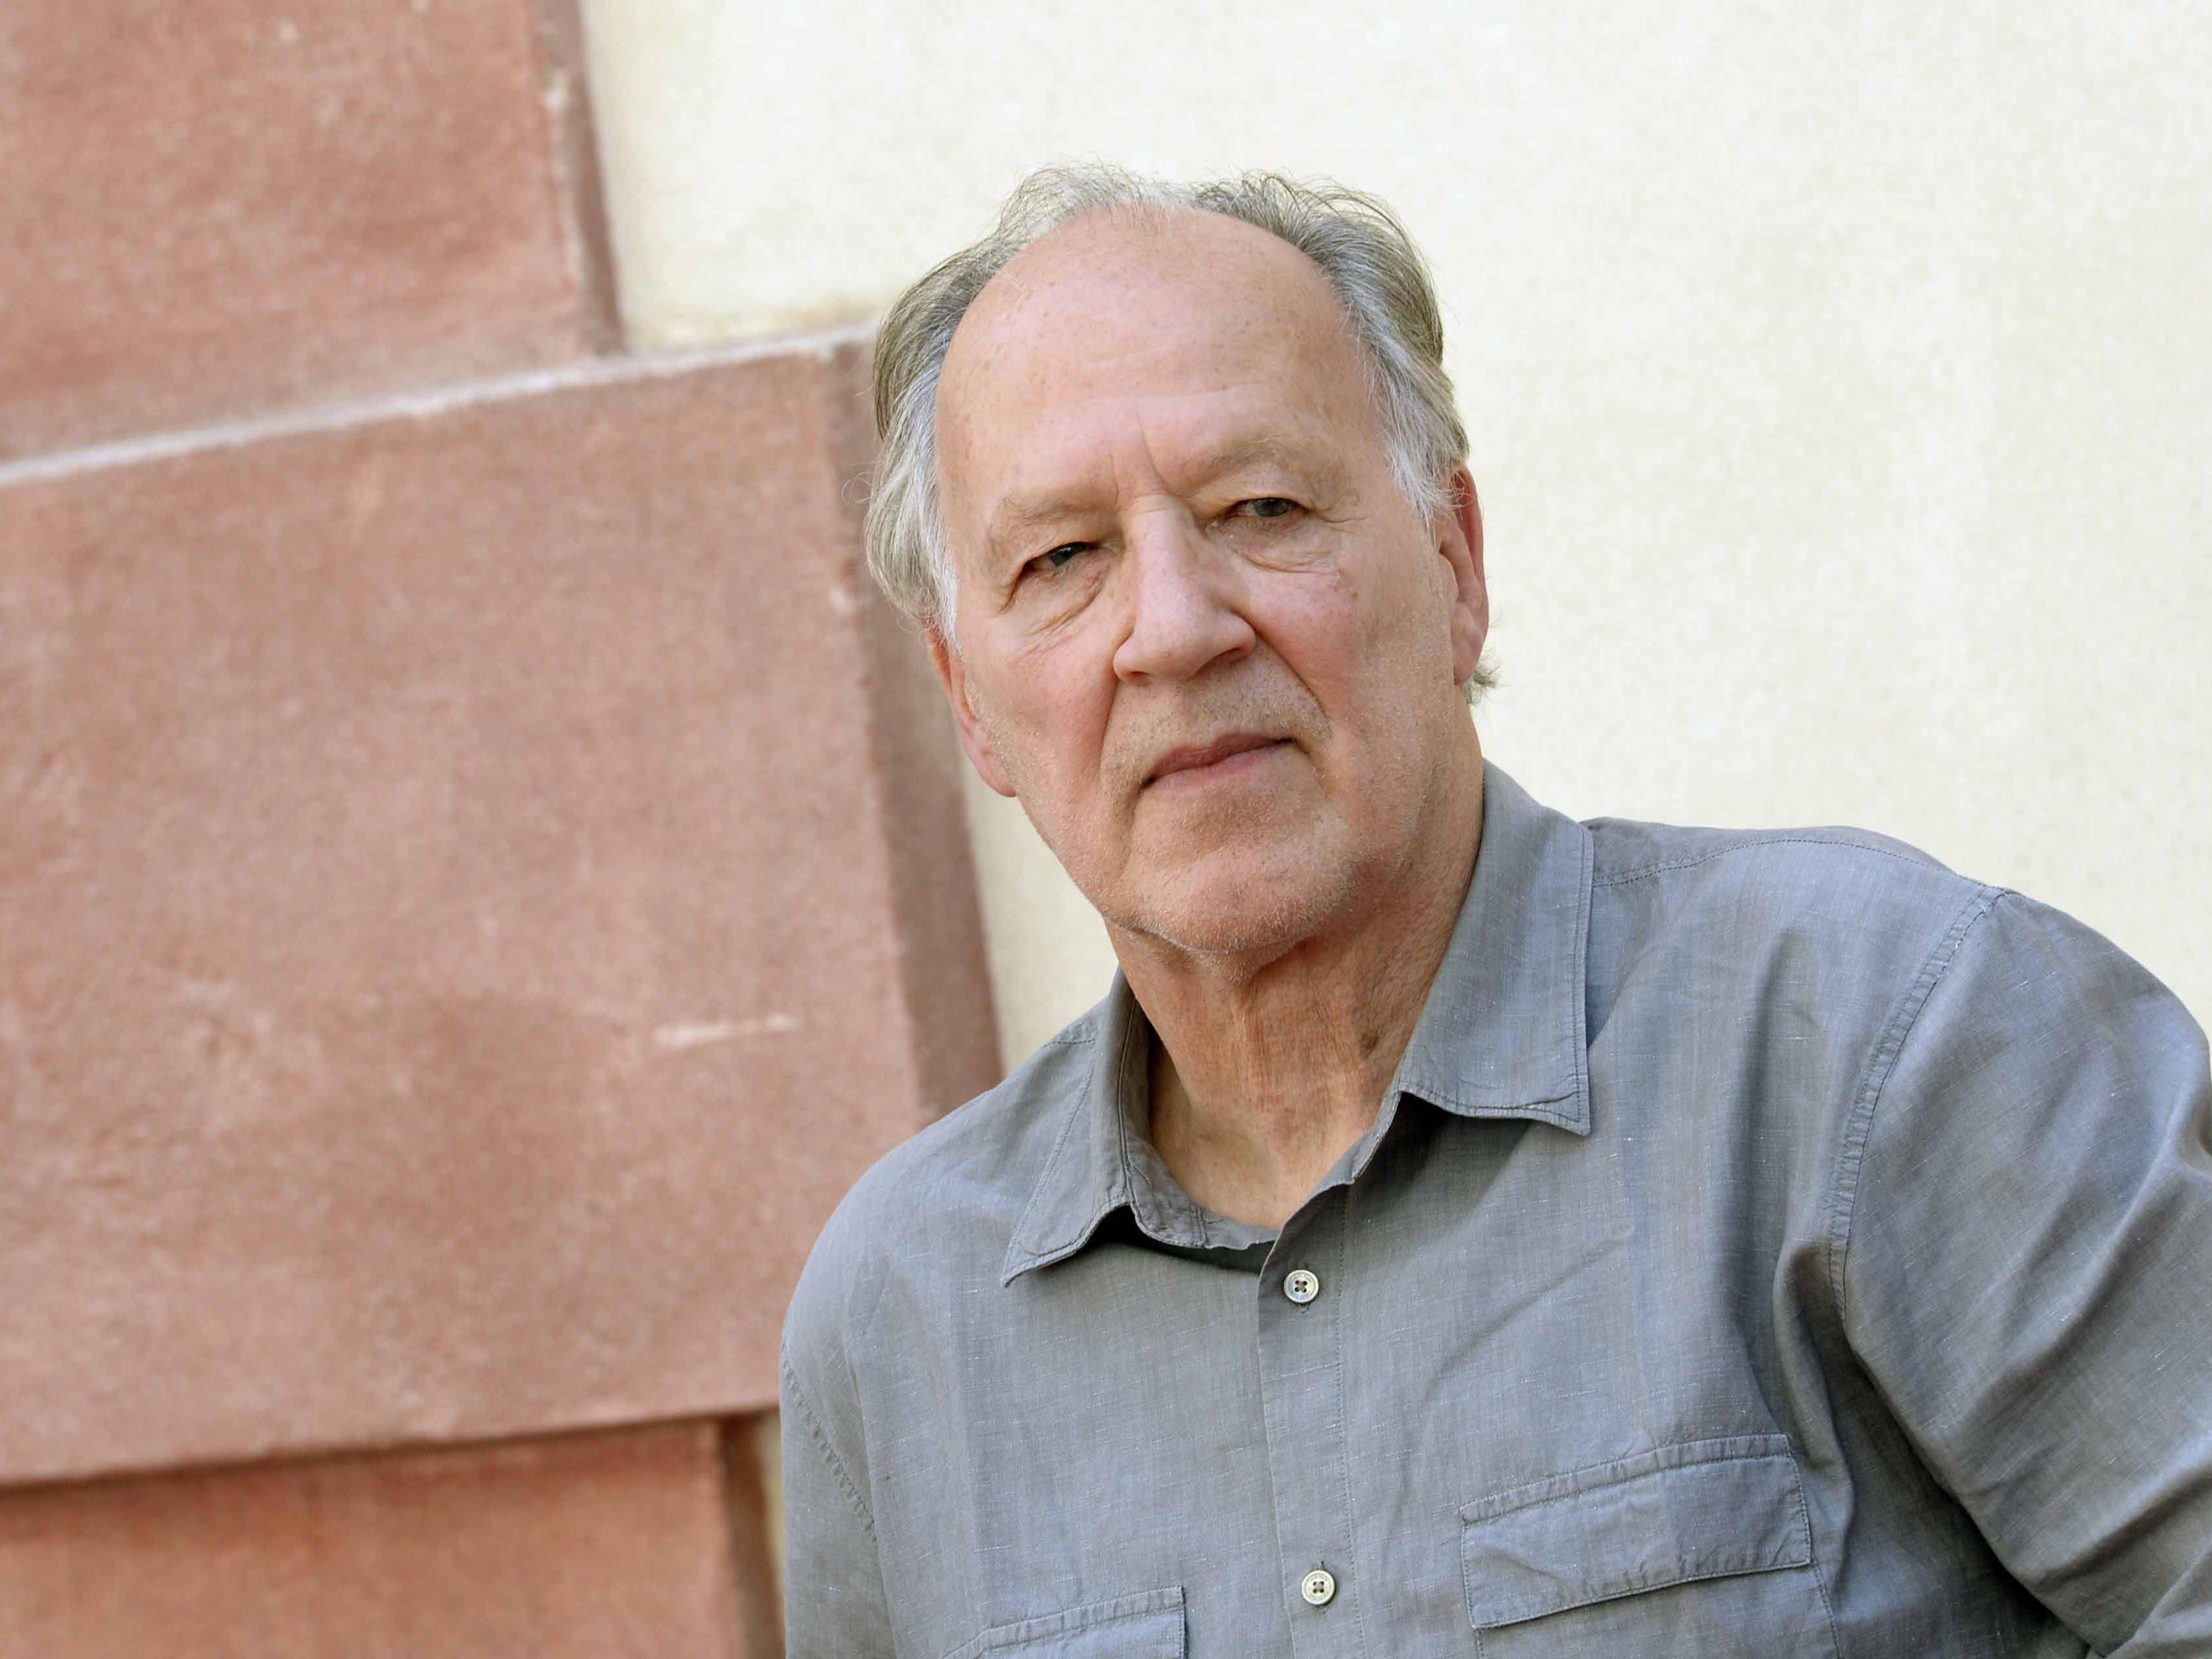 Filmemacher Werner Herzog wird seine große Retrospektive in Wien selbst eröffnen